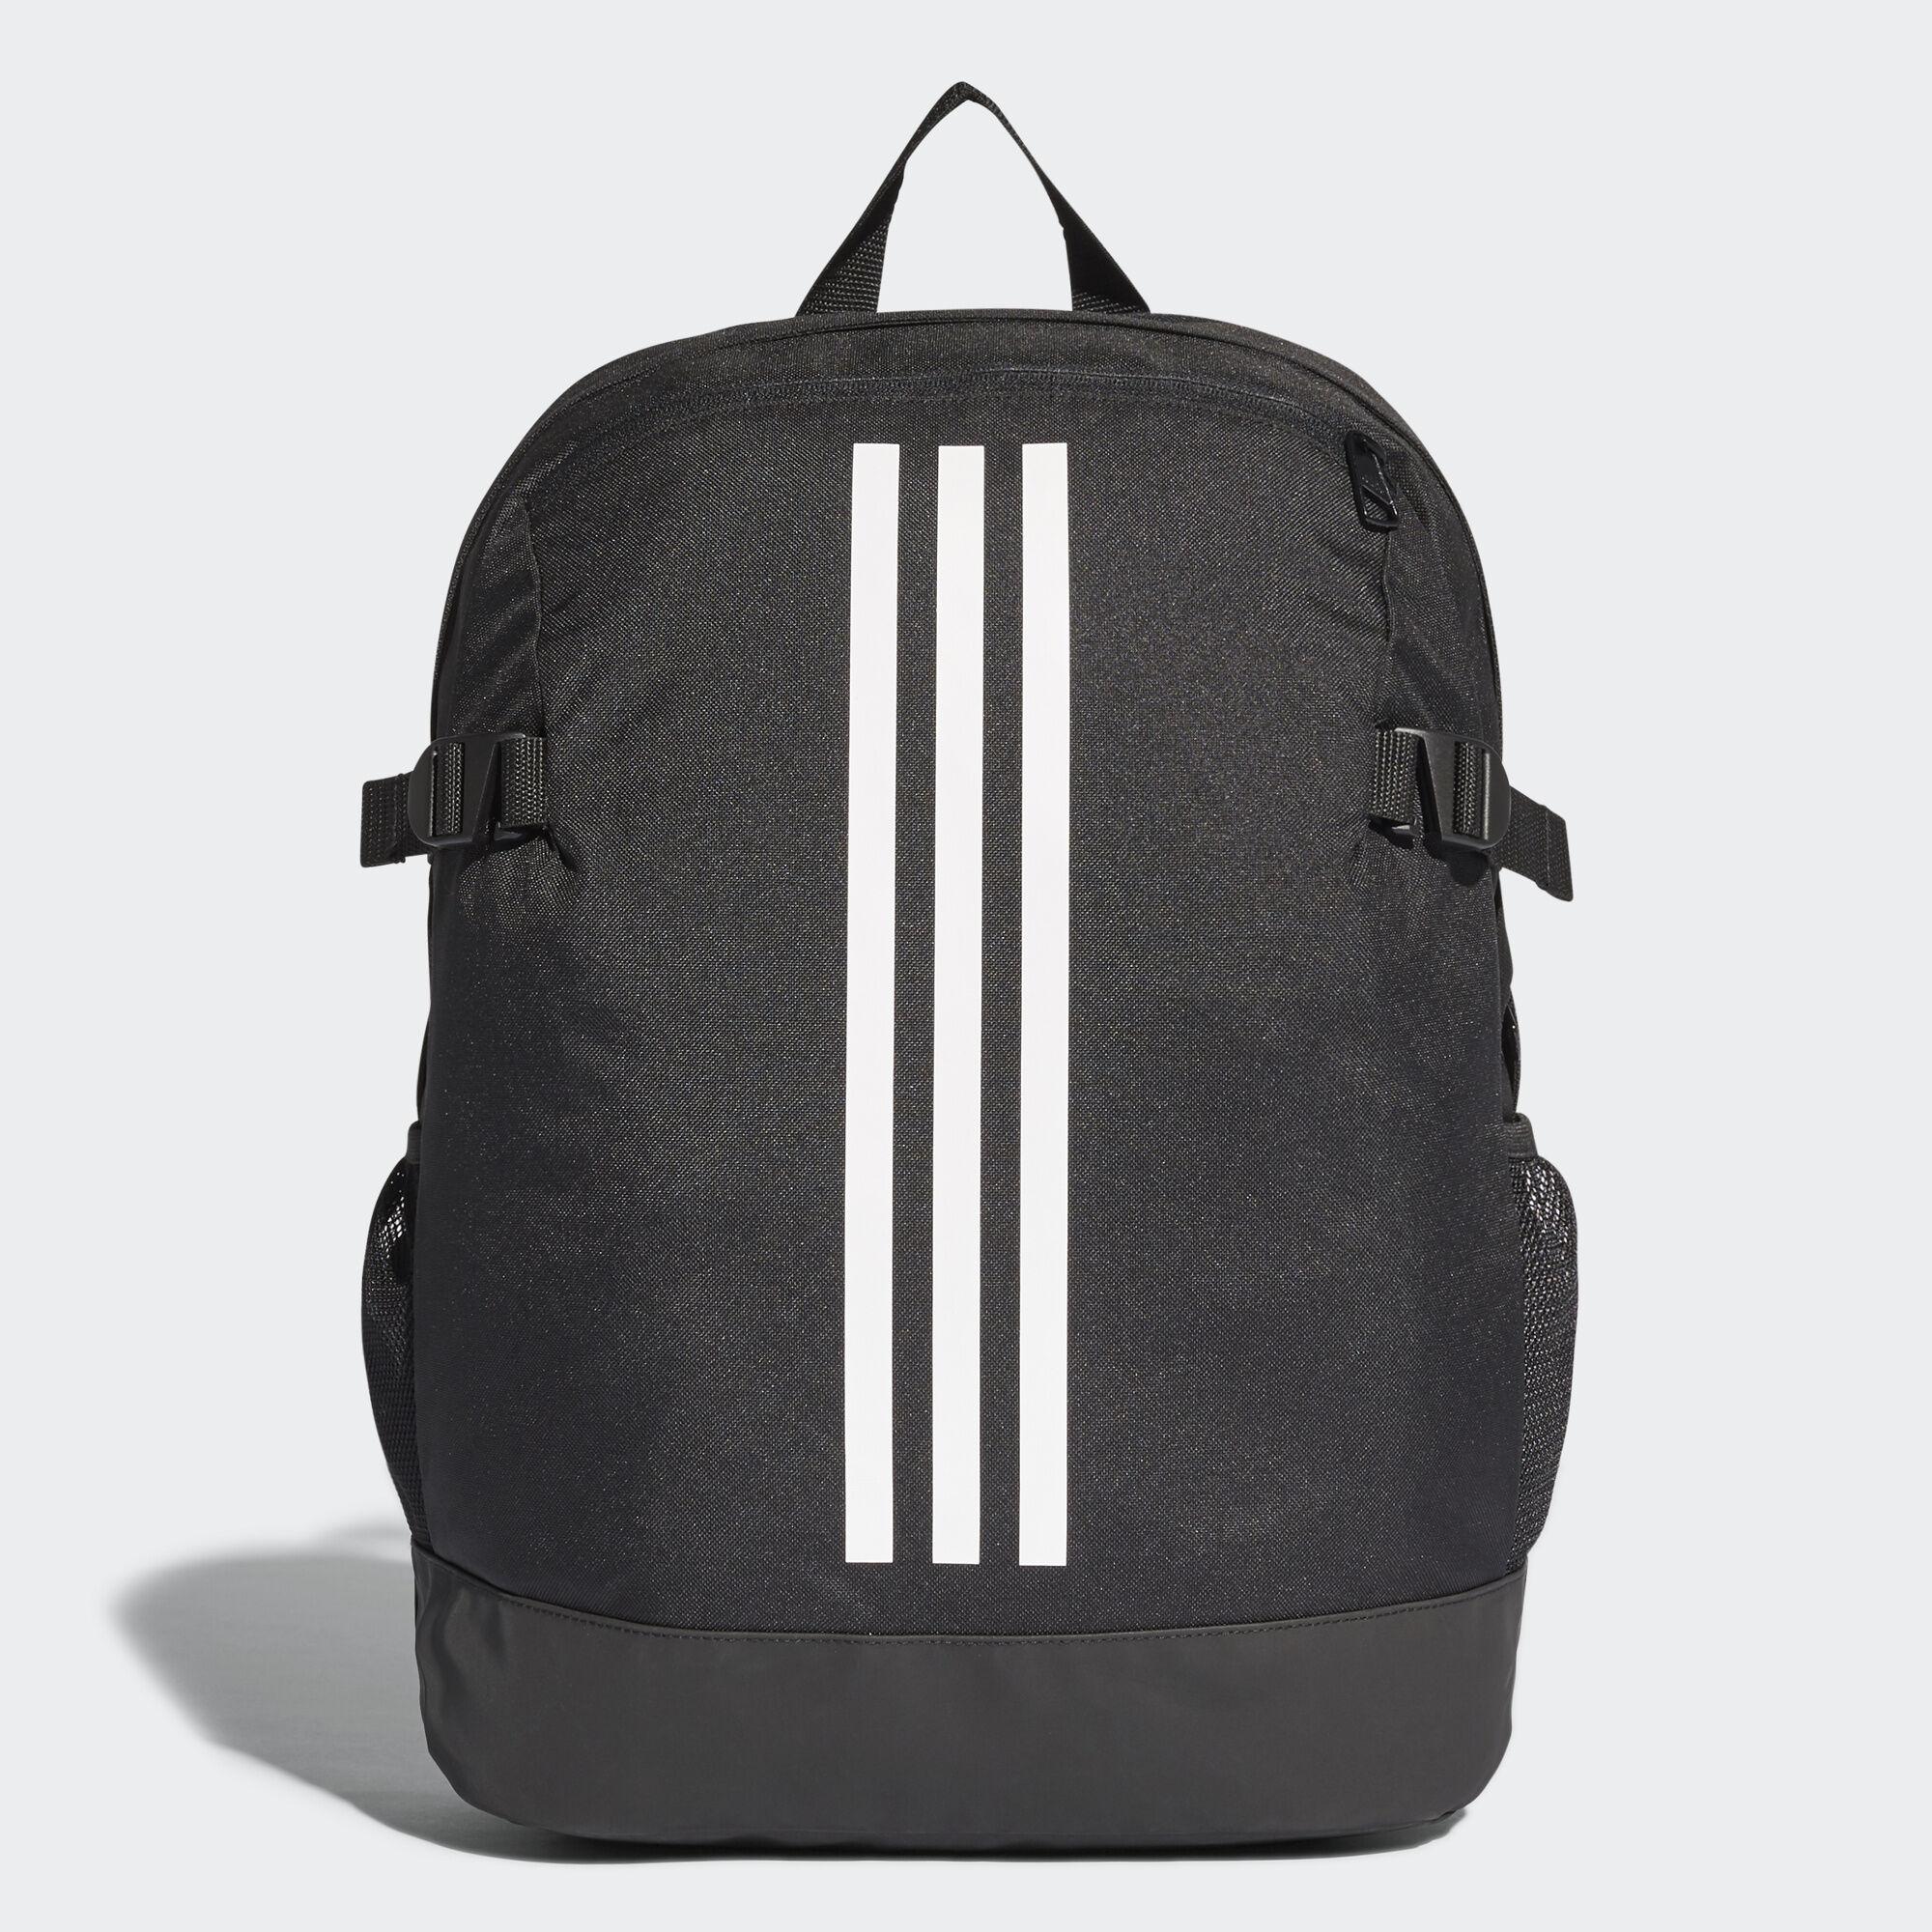 adidas - 3-Stripes Power Backpack Medium Black White White BR5864 c89d49fcac769